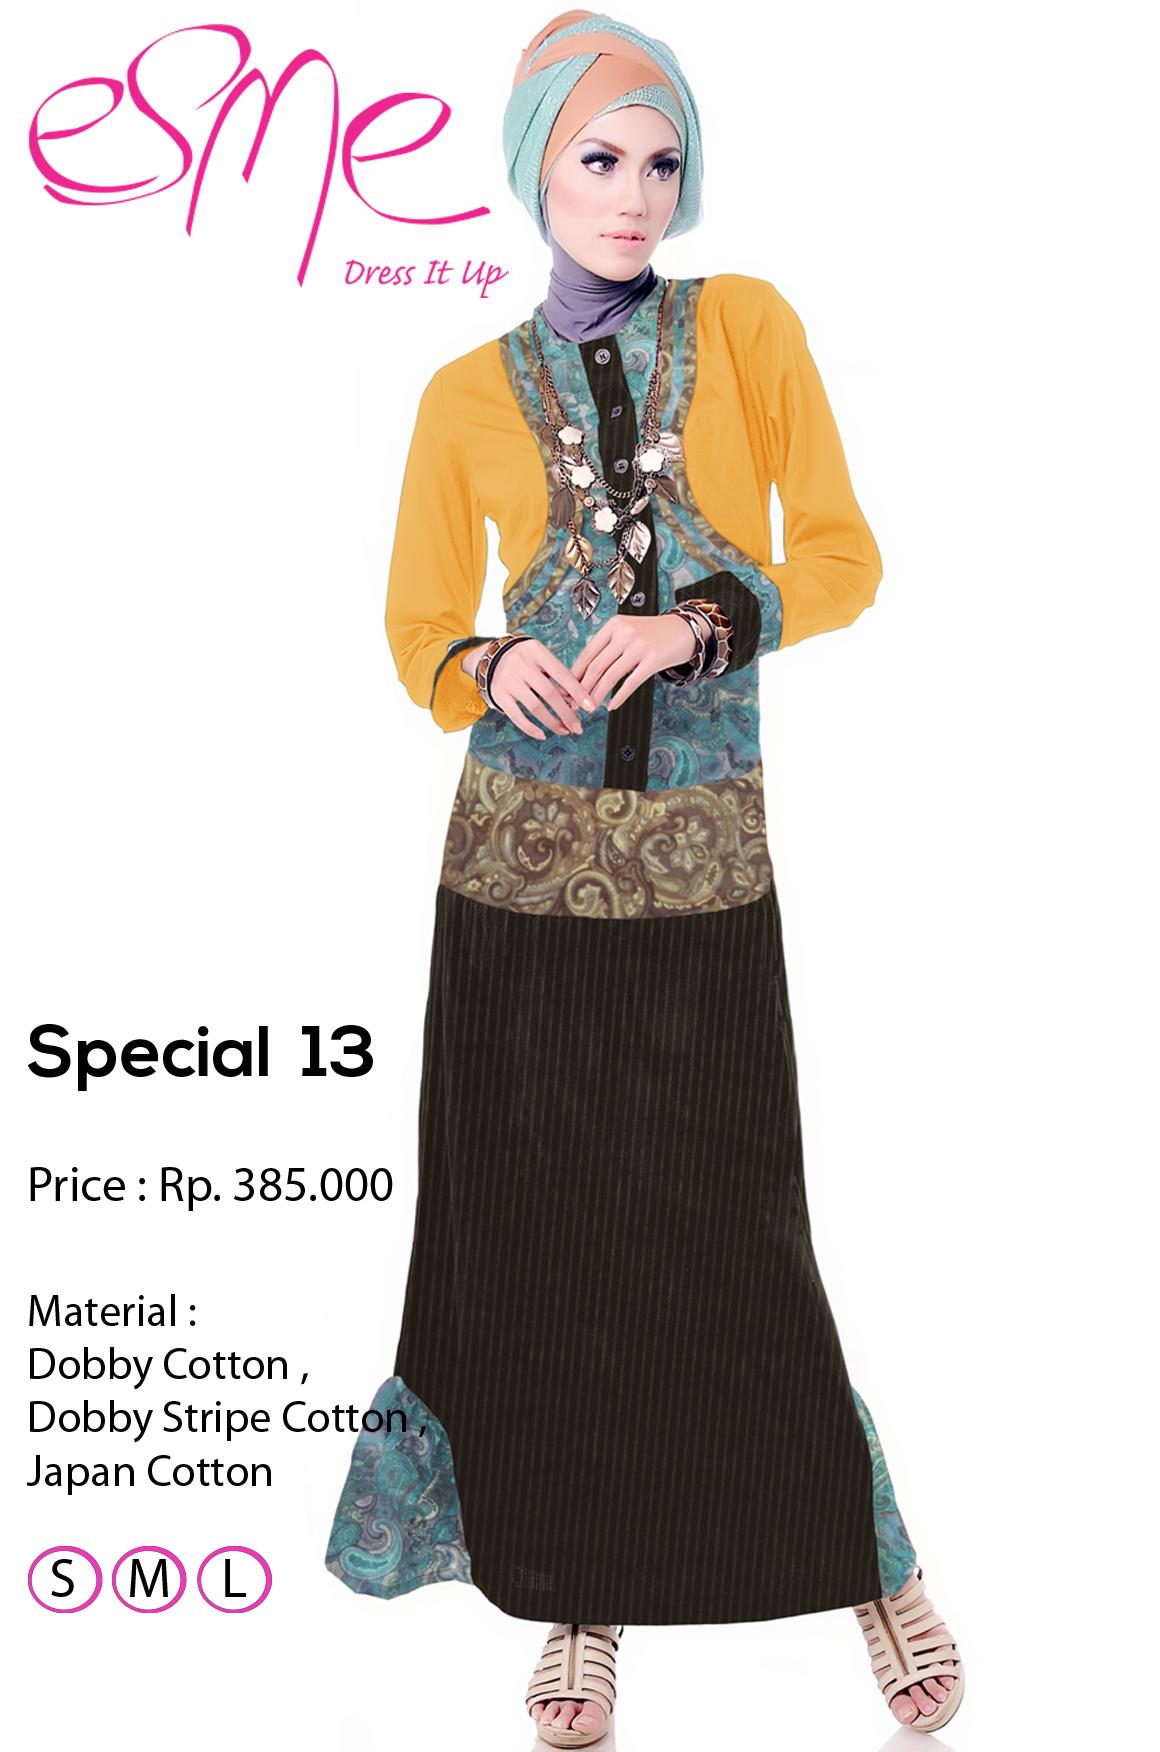 Galeri Baju Muslim Gamis Merk Manet Grosir Baju Surabaya